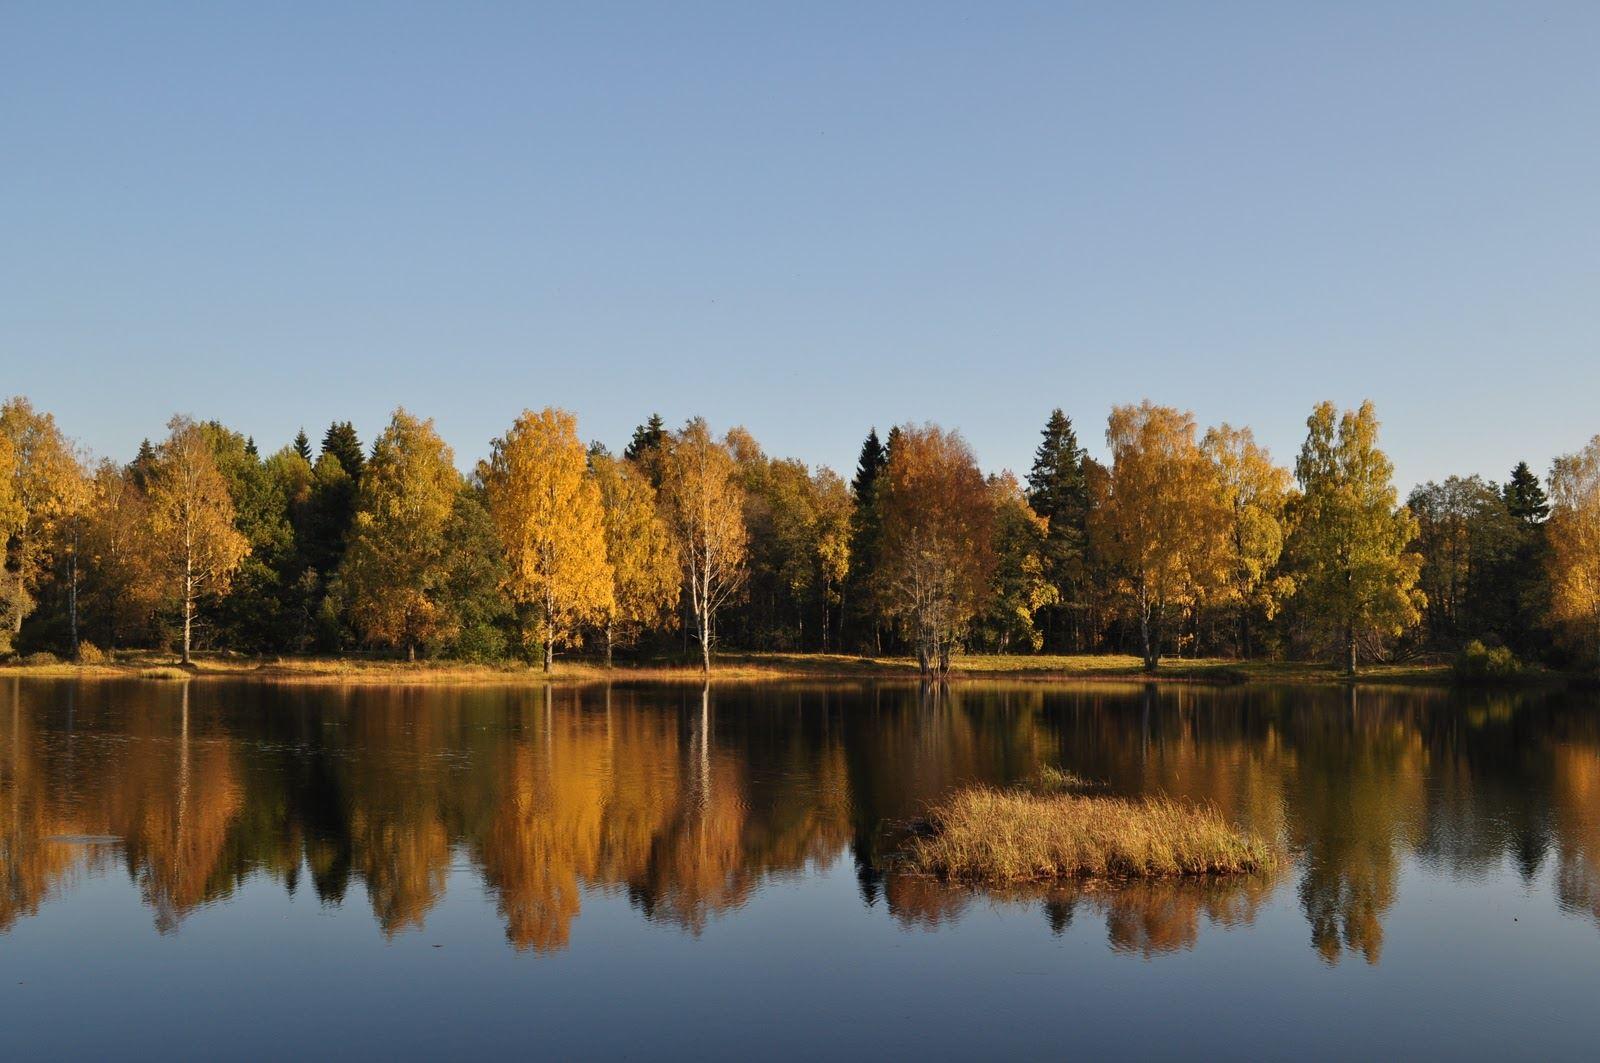 © Inga Johansson, Ettö Nature Reserve